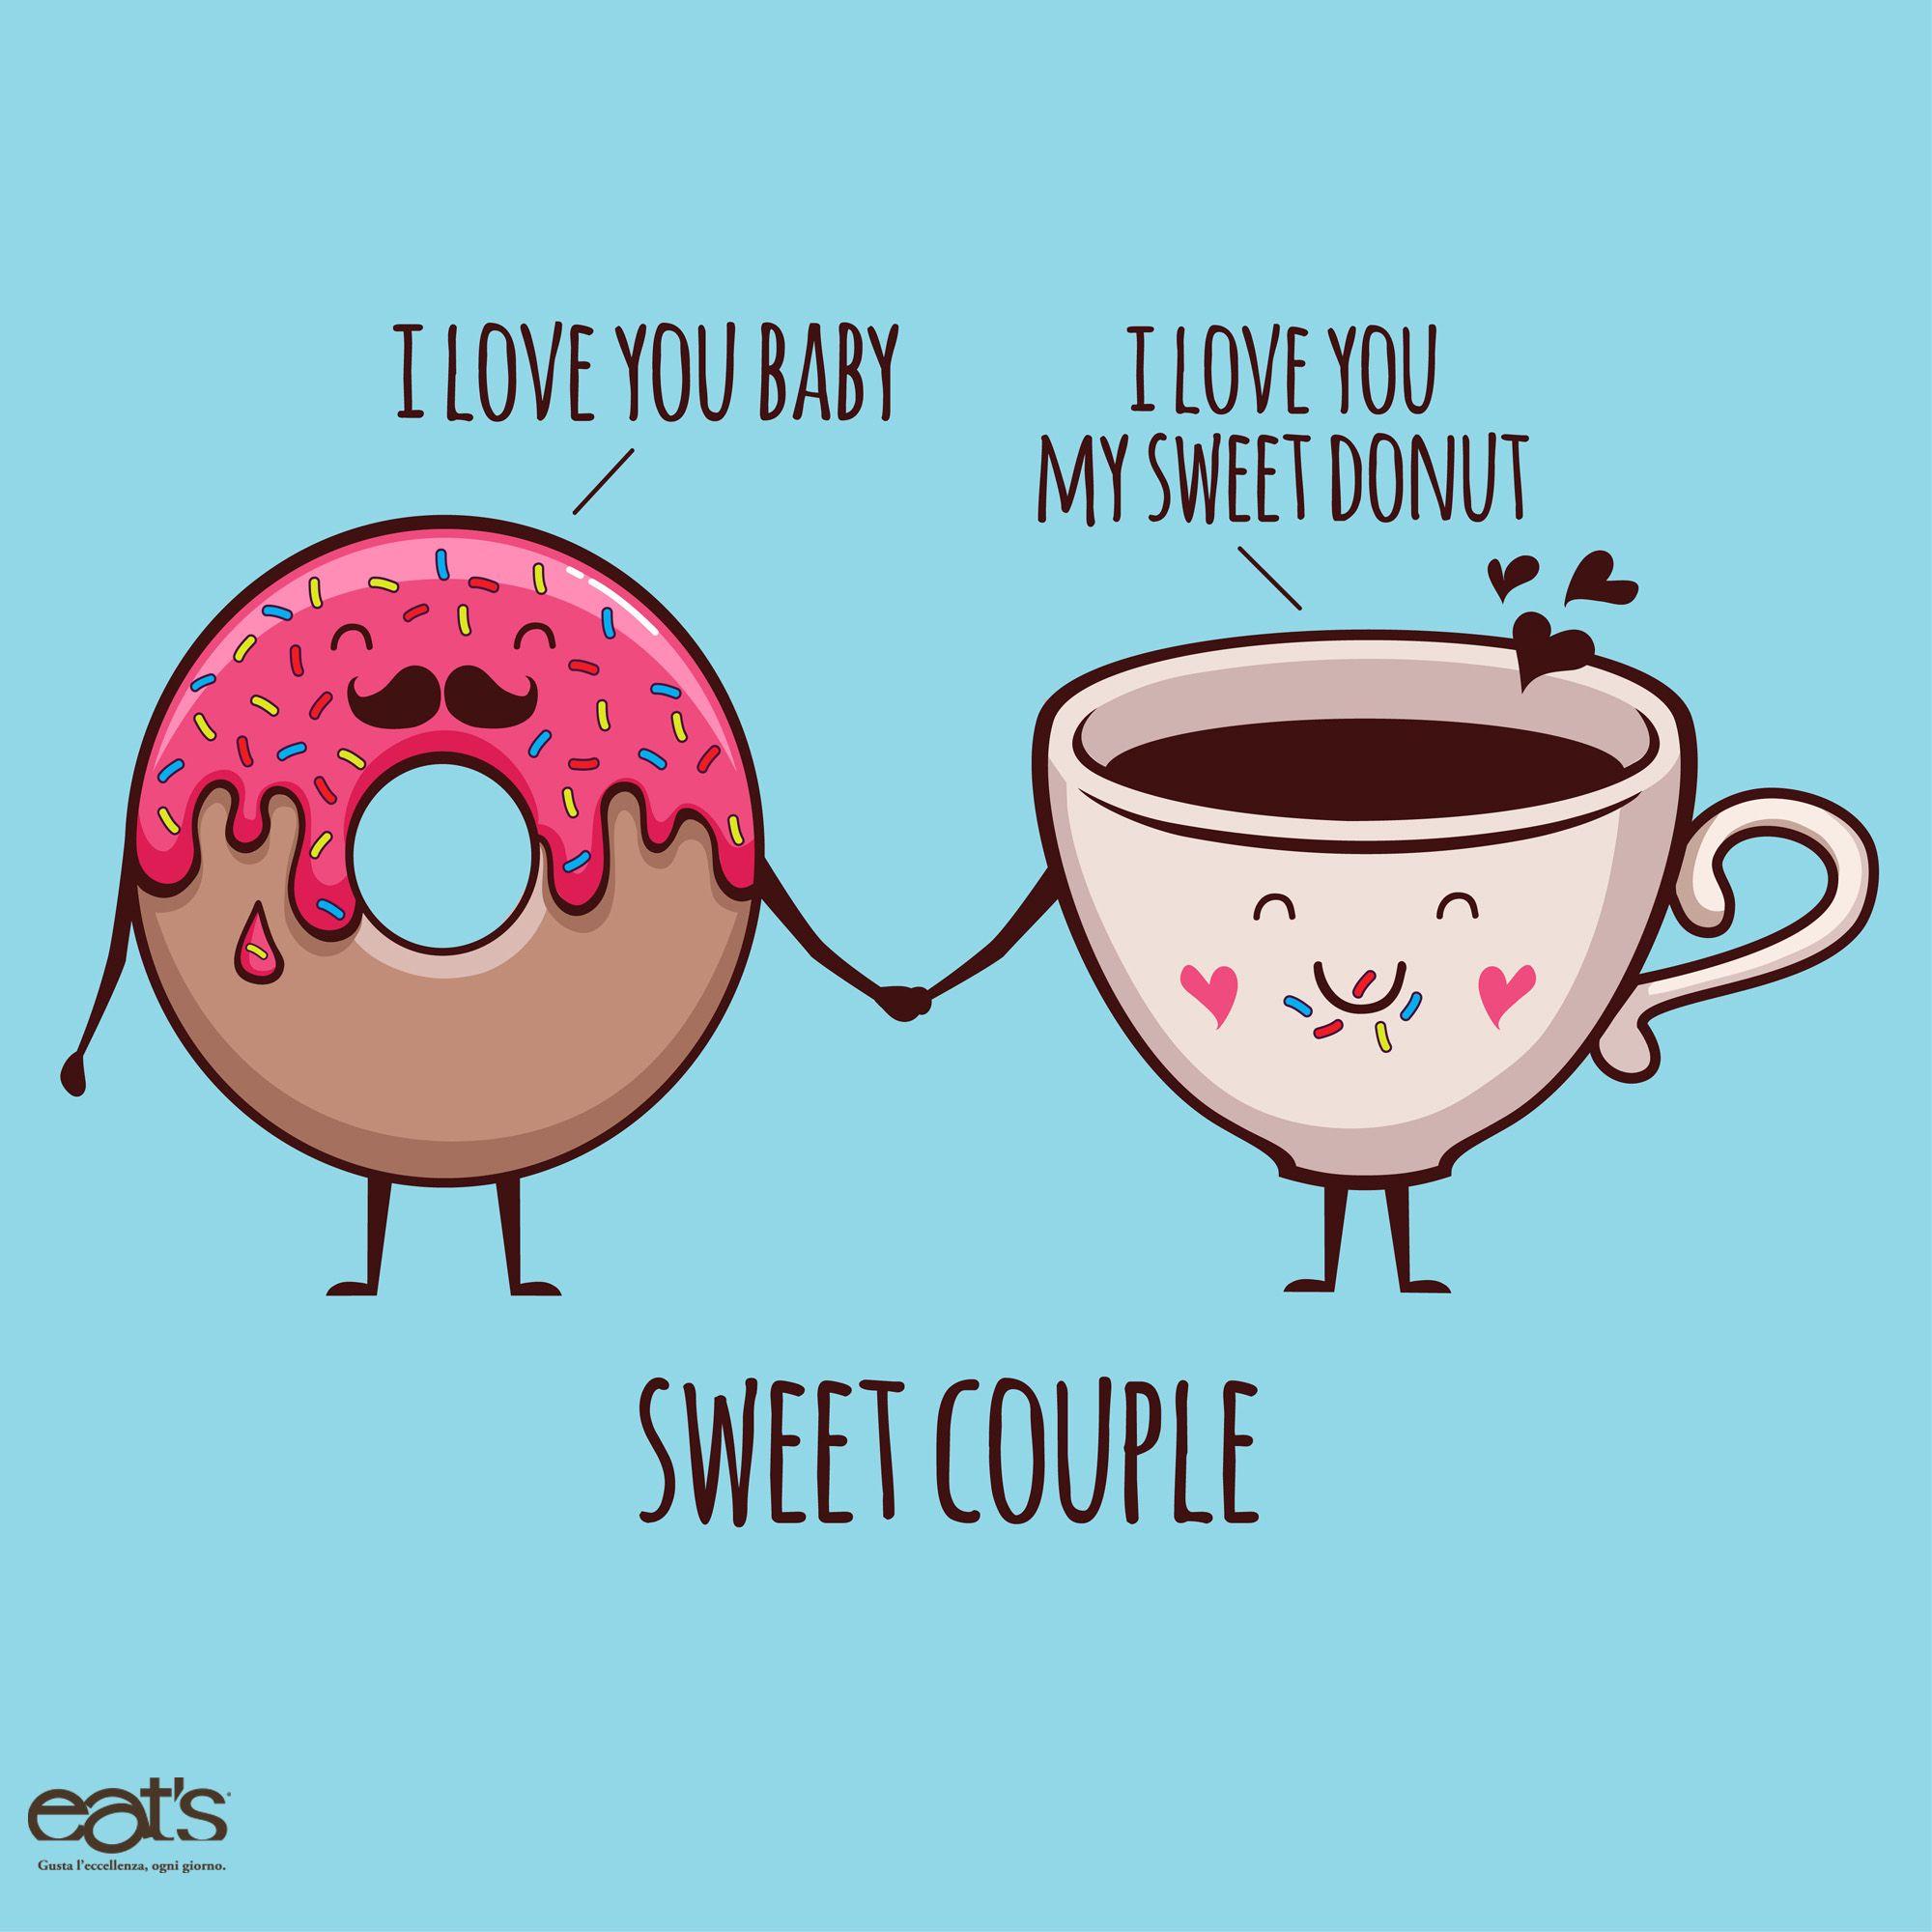 Sweet couple. #donut #cofee #breakfast #sweet #love ...